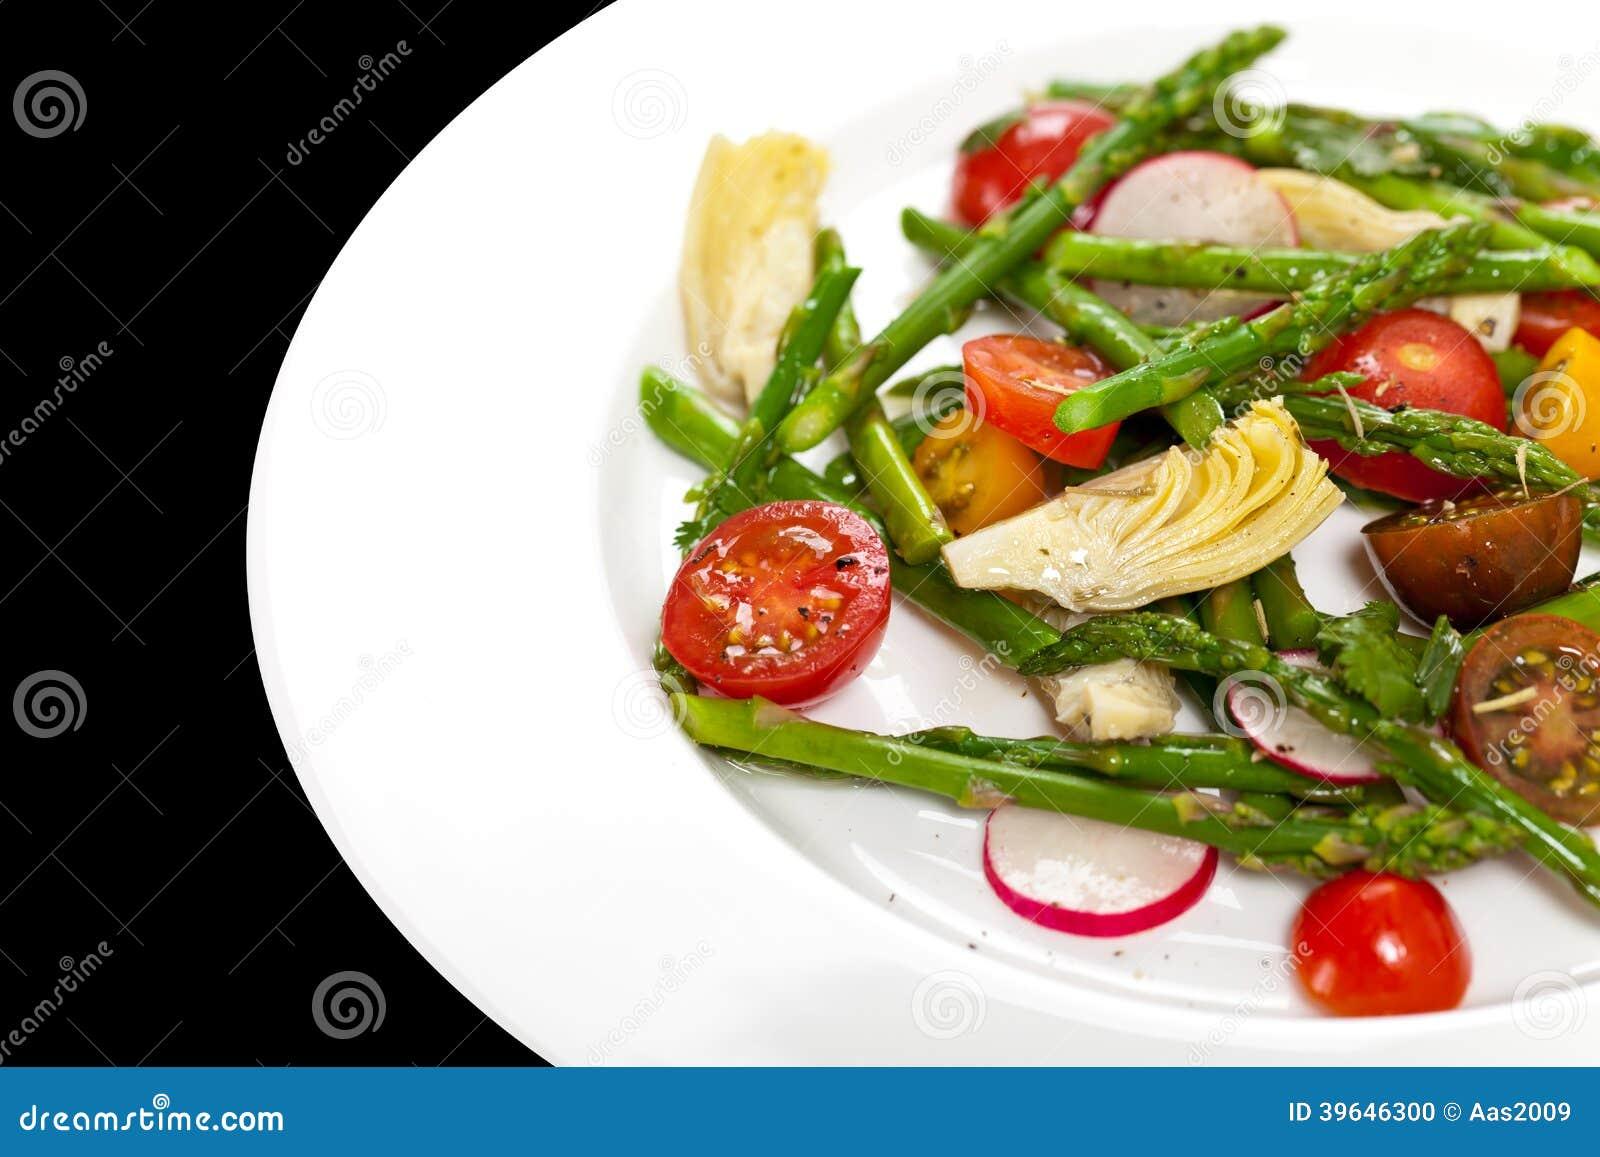 Salad with Asparagus